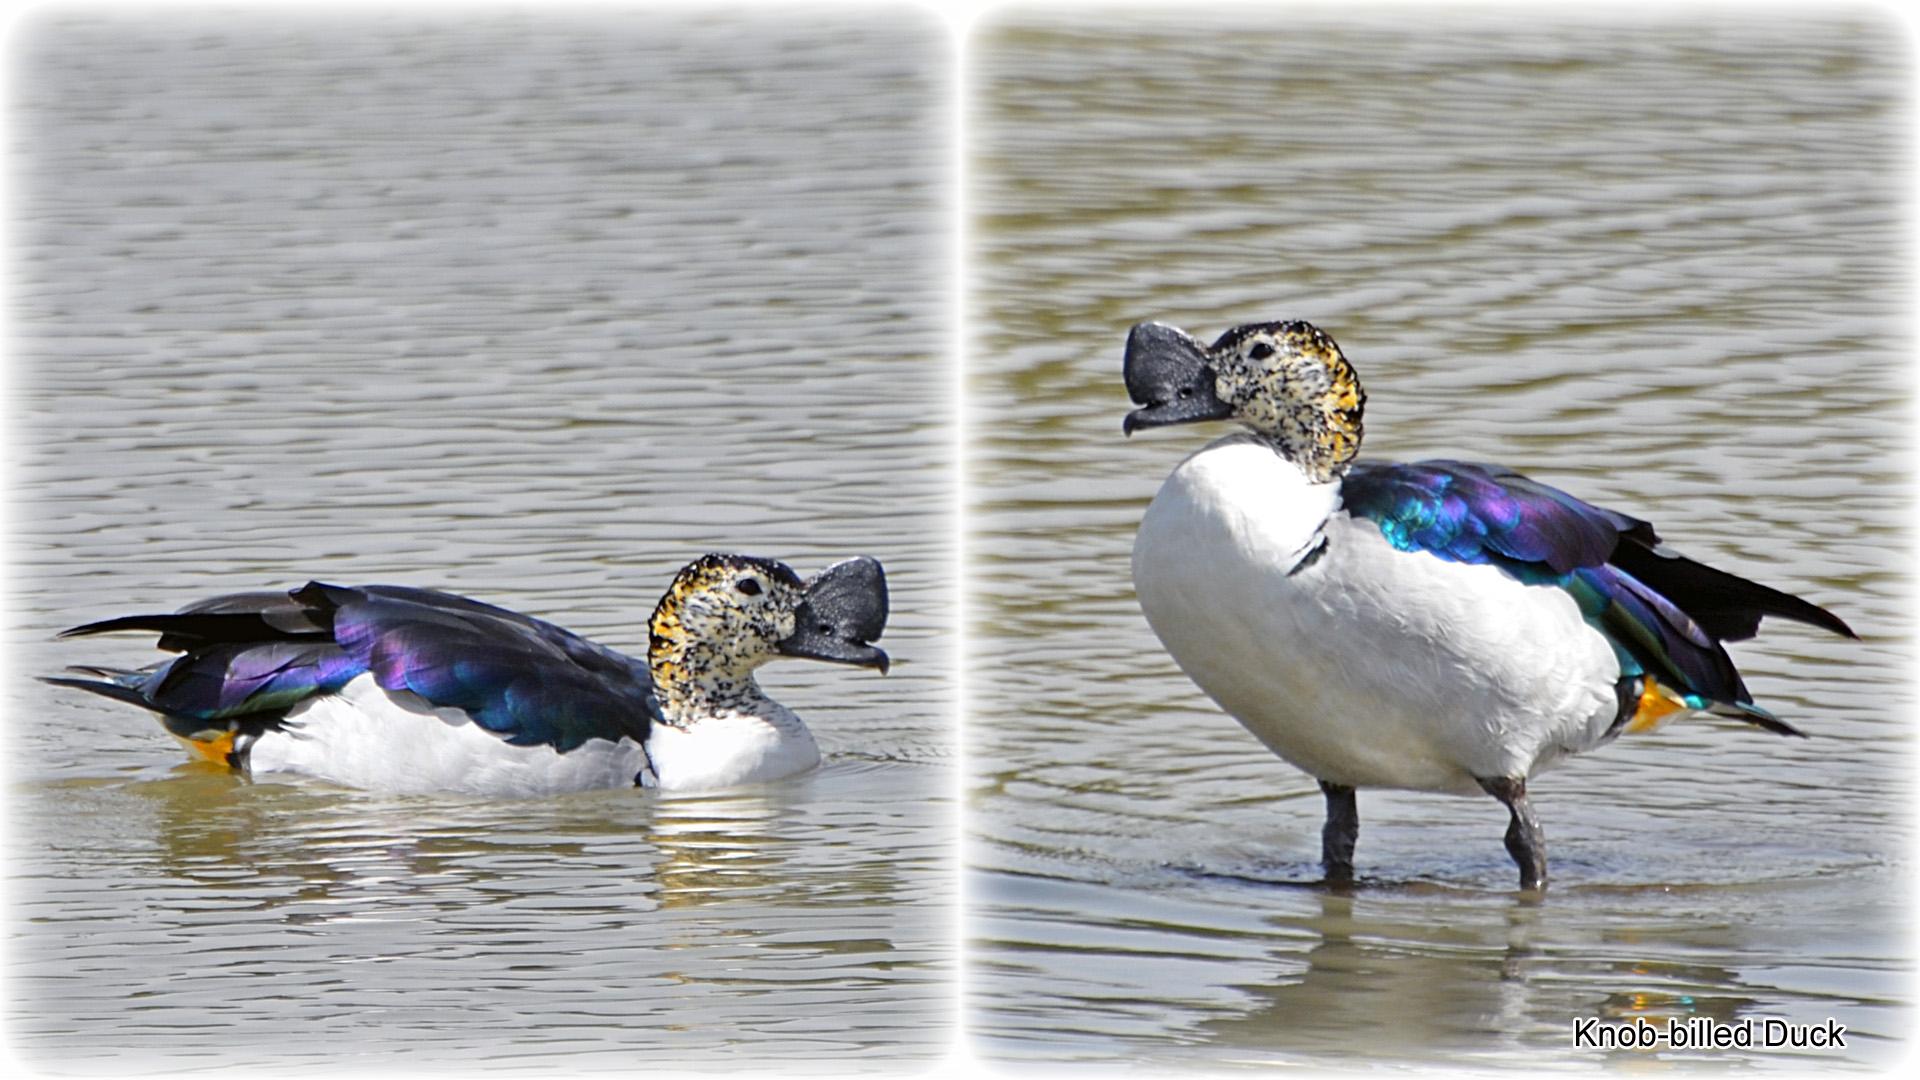 2a, Knob-billed Duck